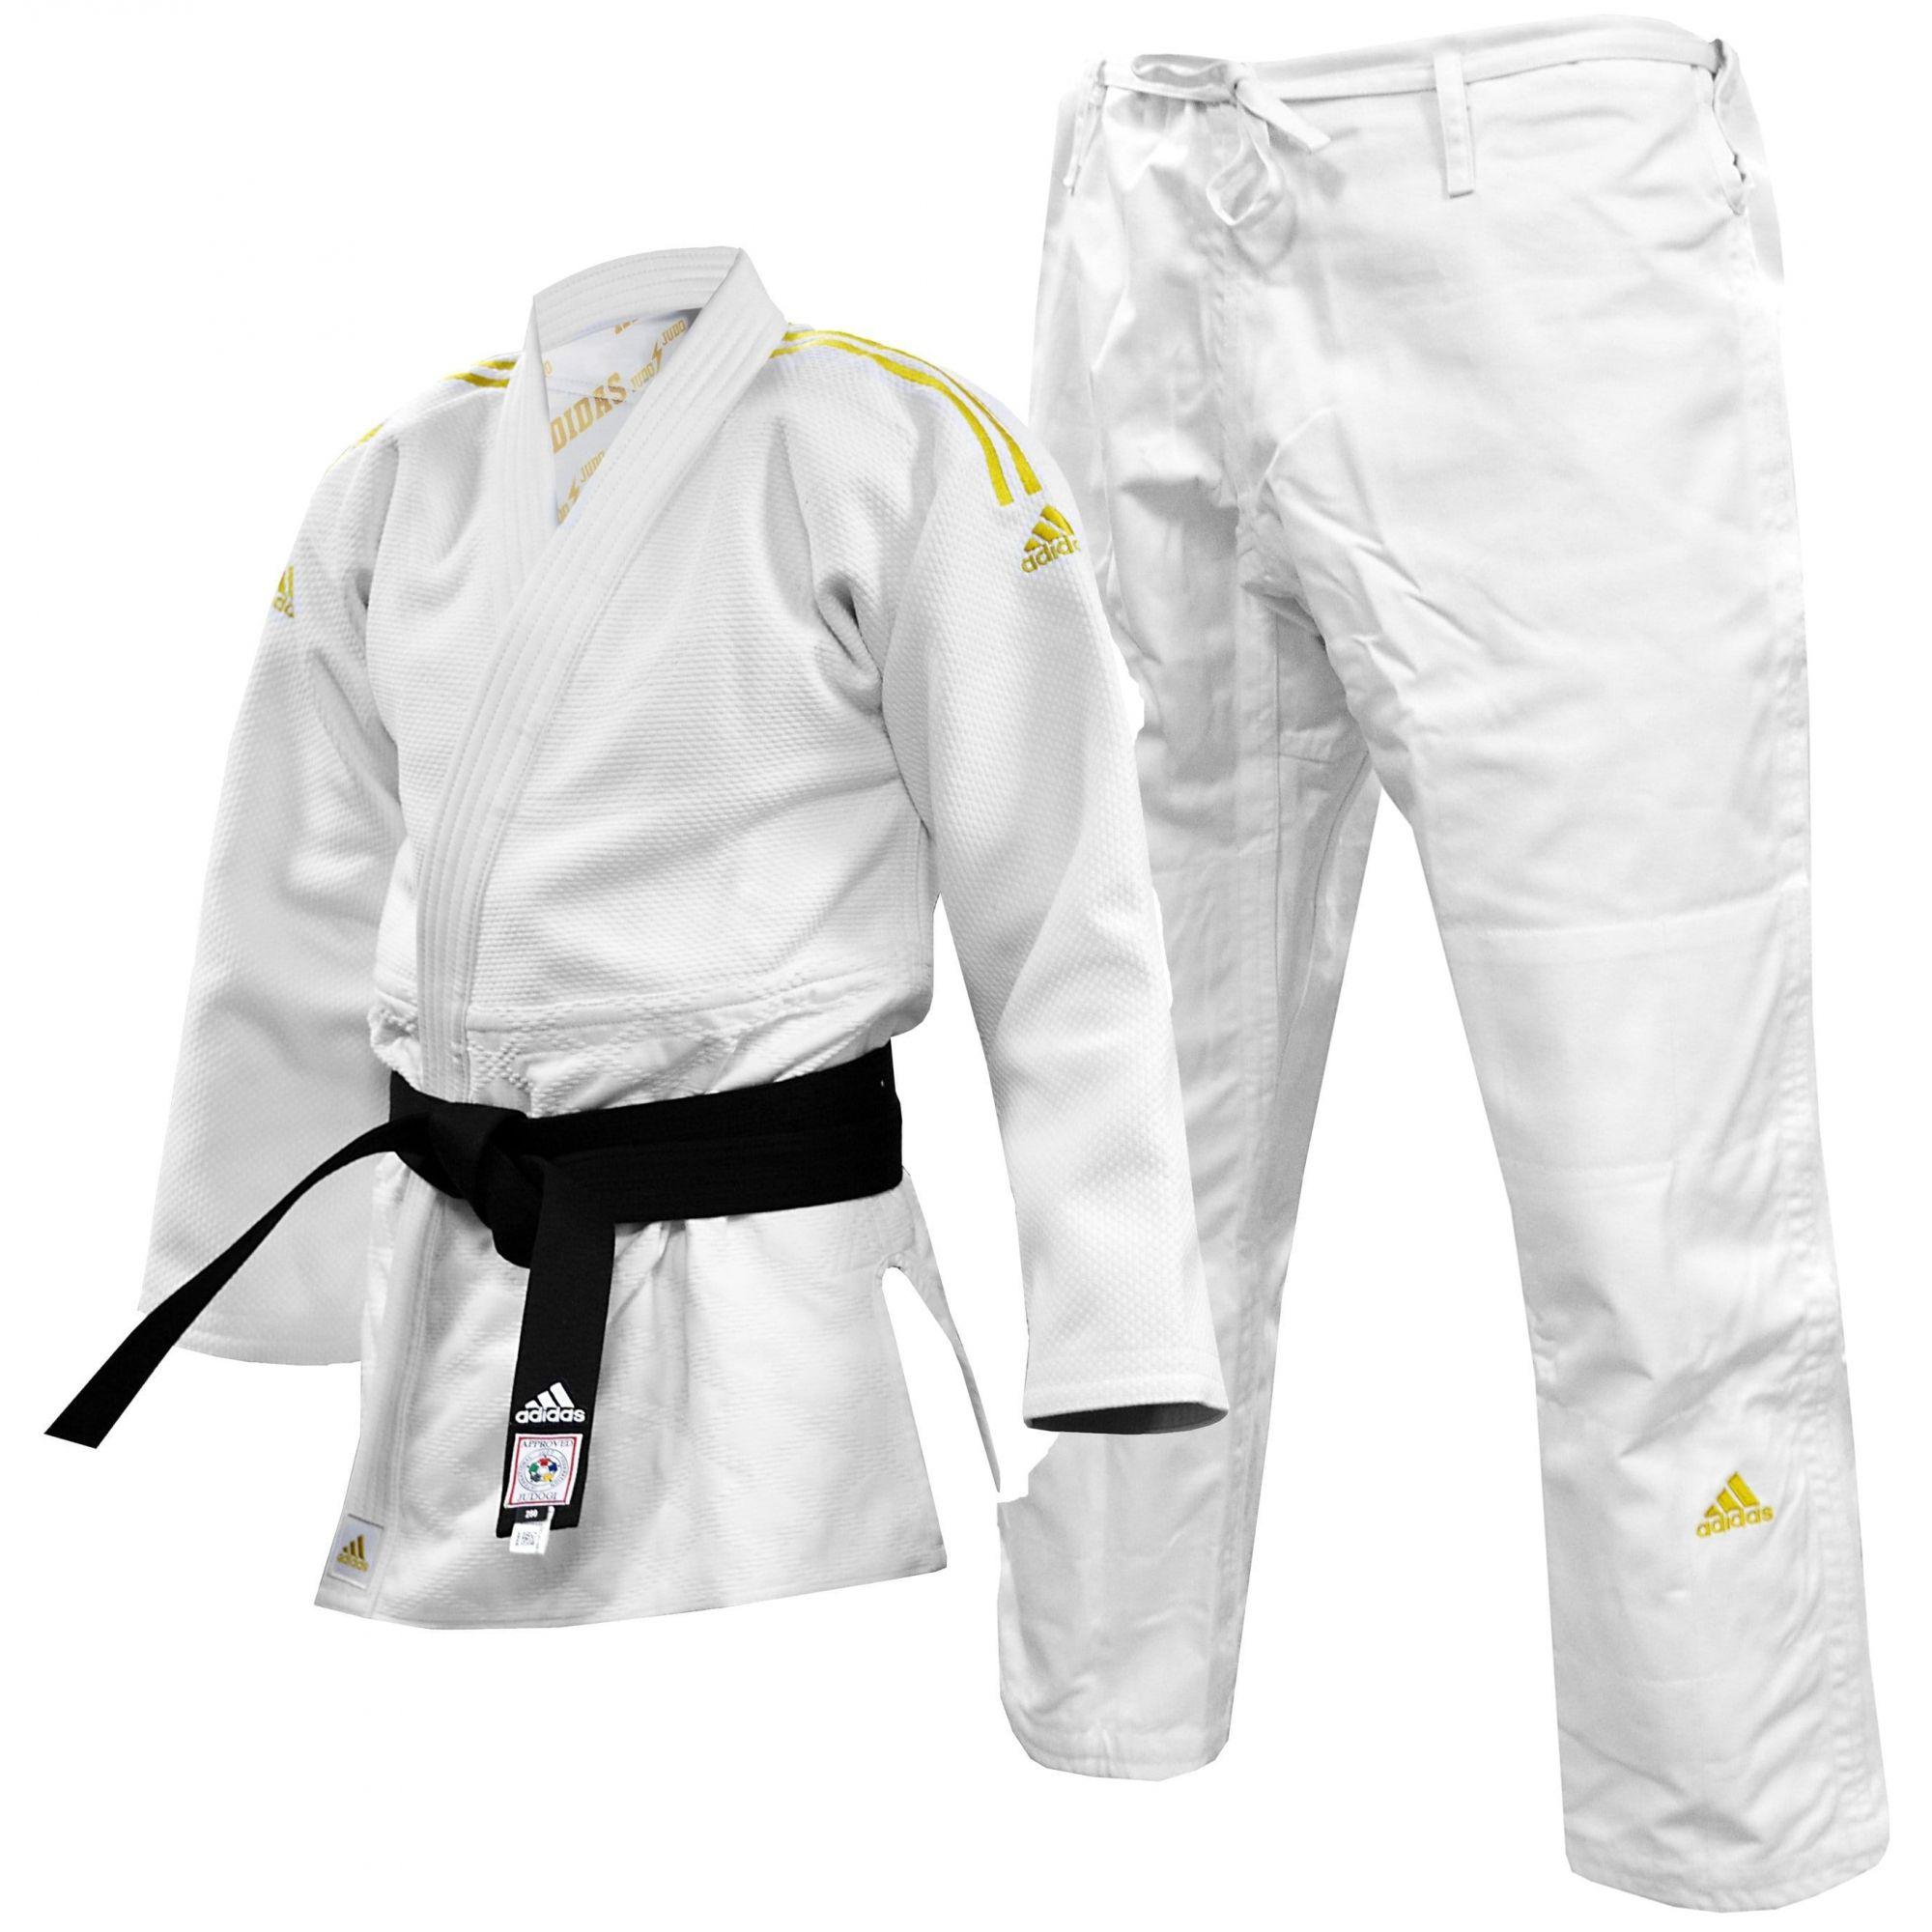 Kimono Judô adidas J990 Millenium Branco com listra Dourada